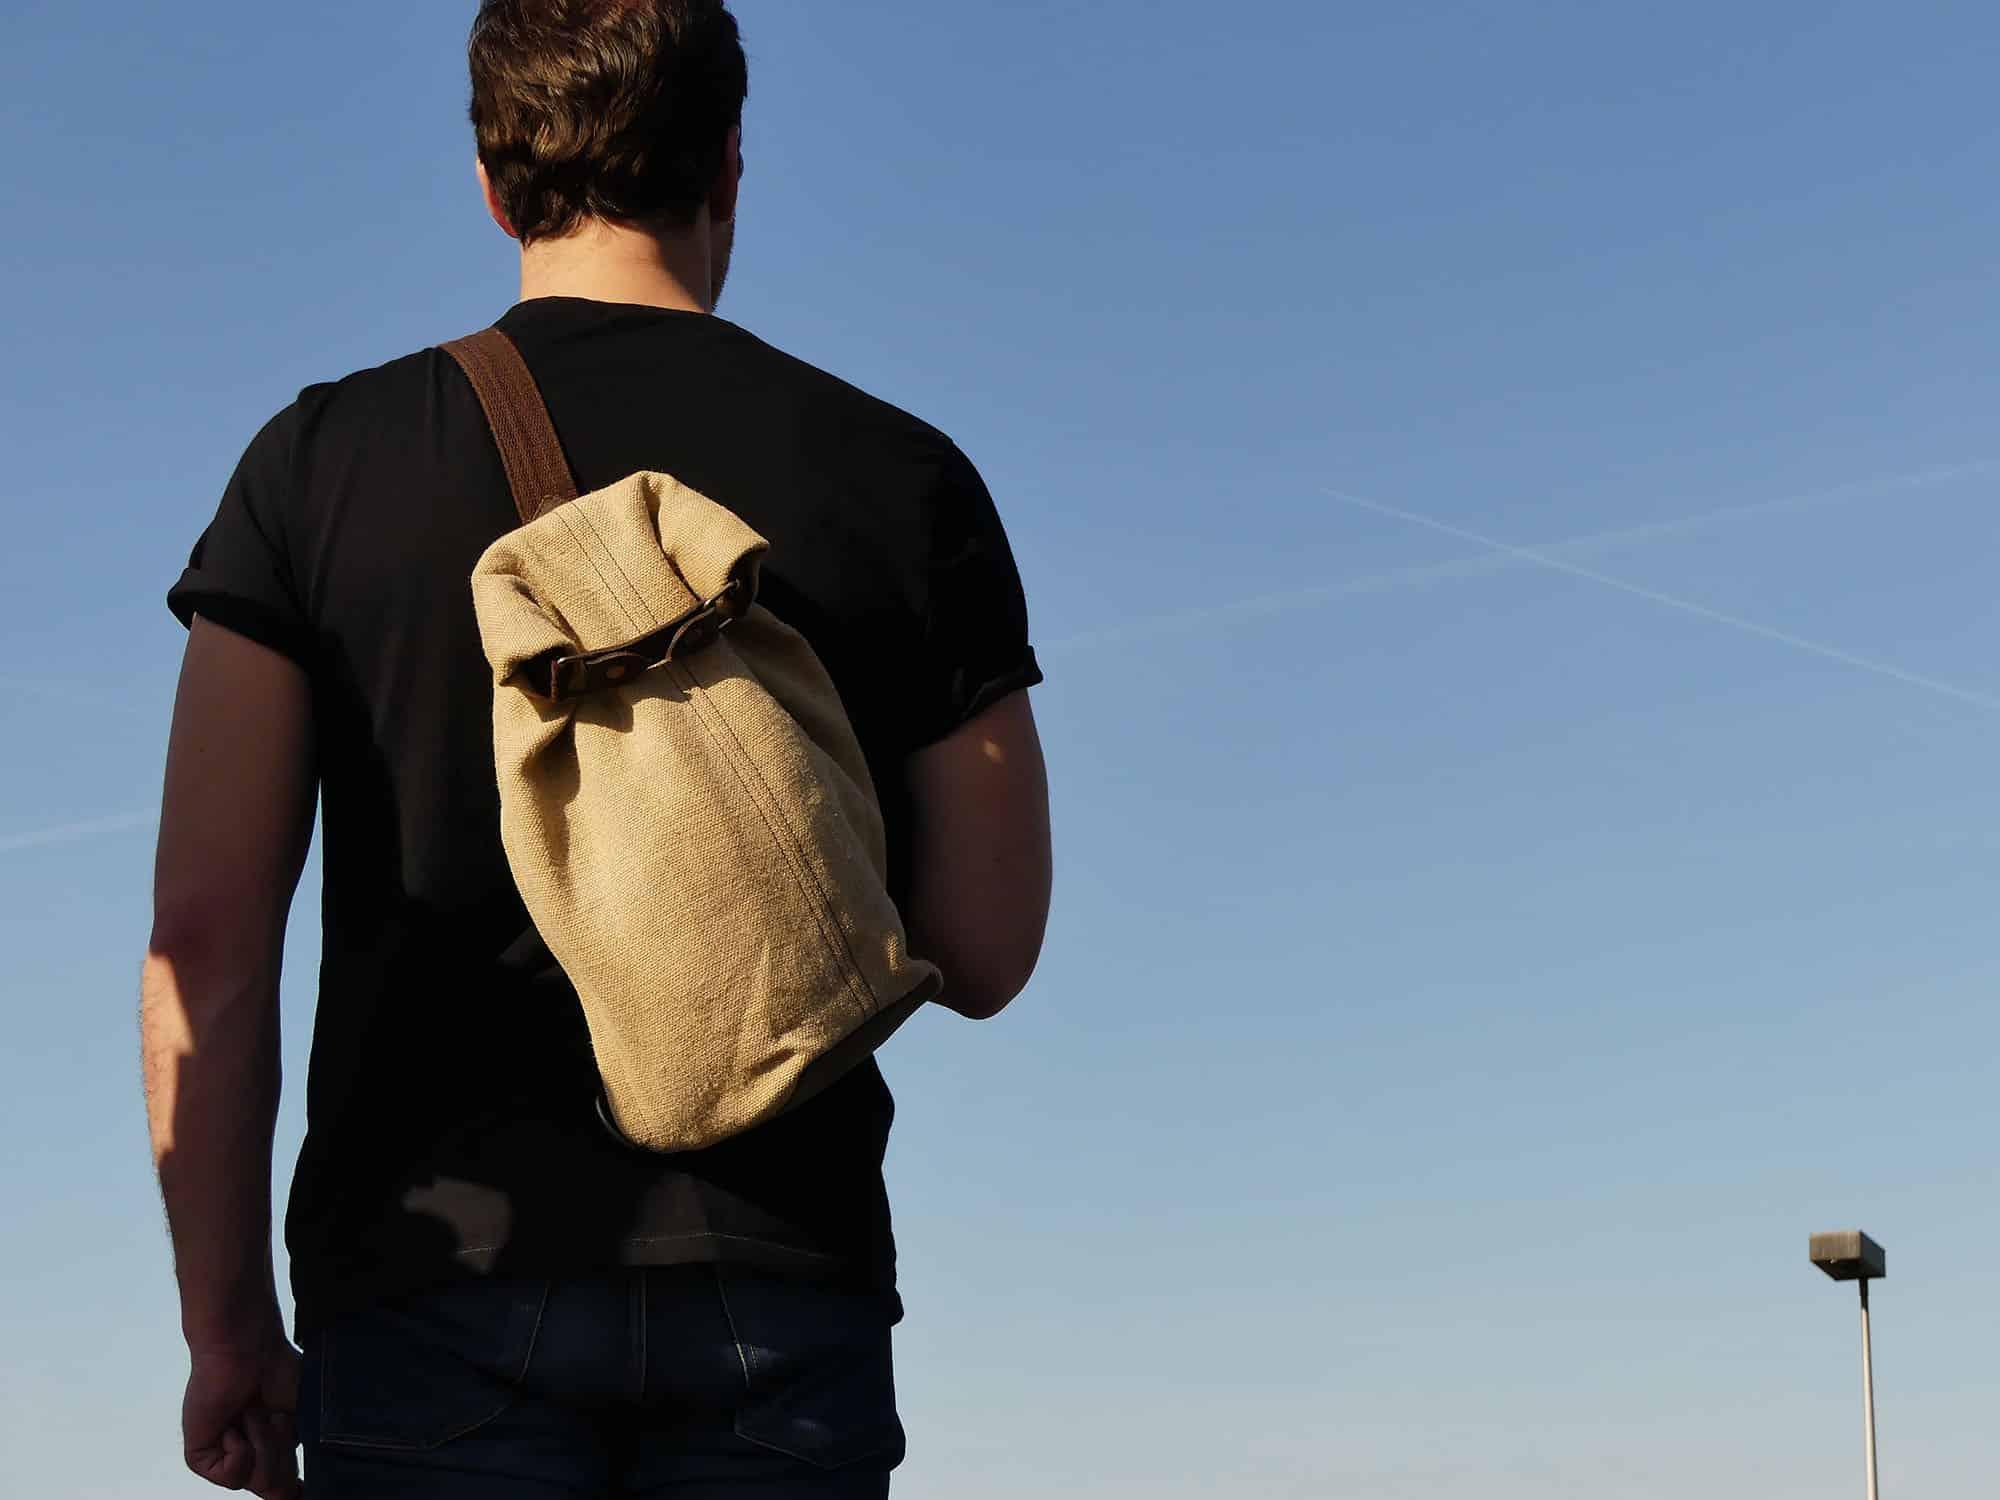 Petit sac à dos bandoulière, balish - le baluchon - Bhallot num 3